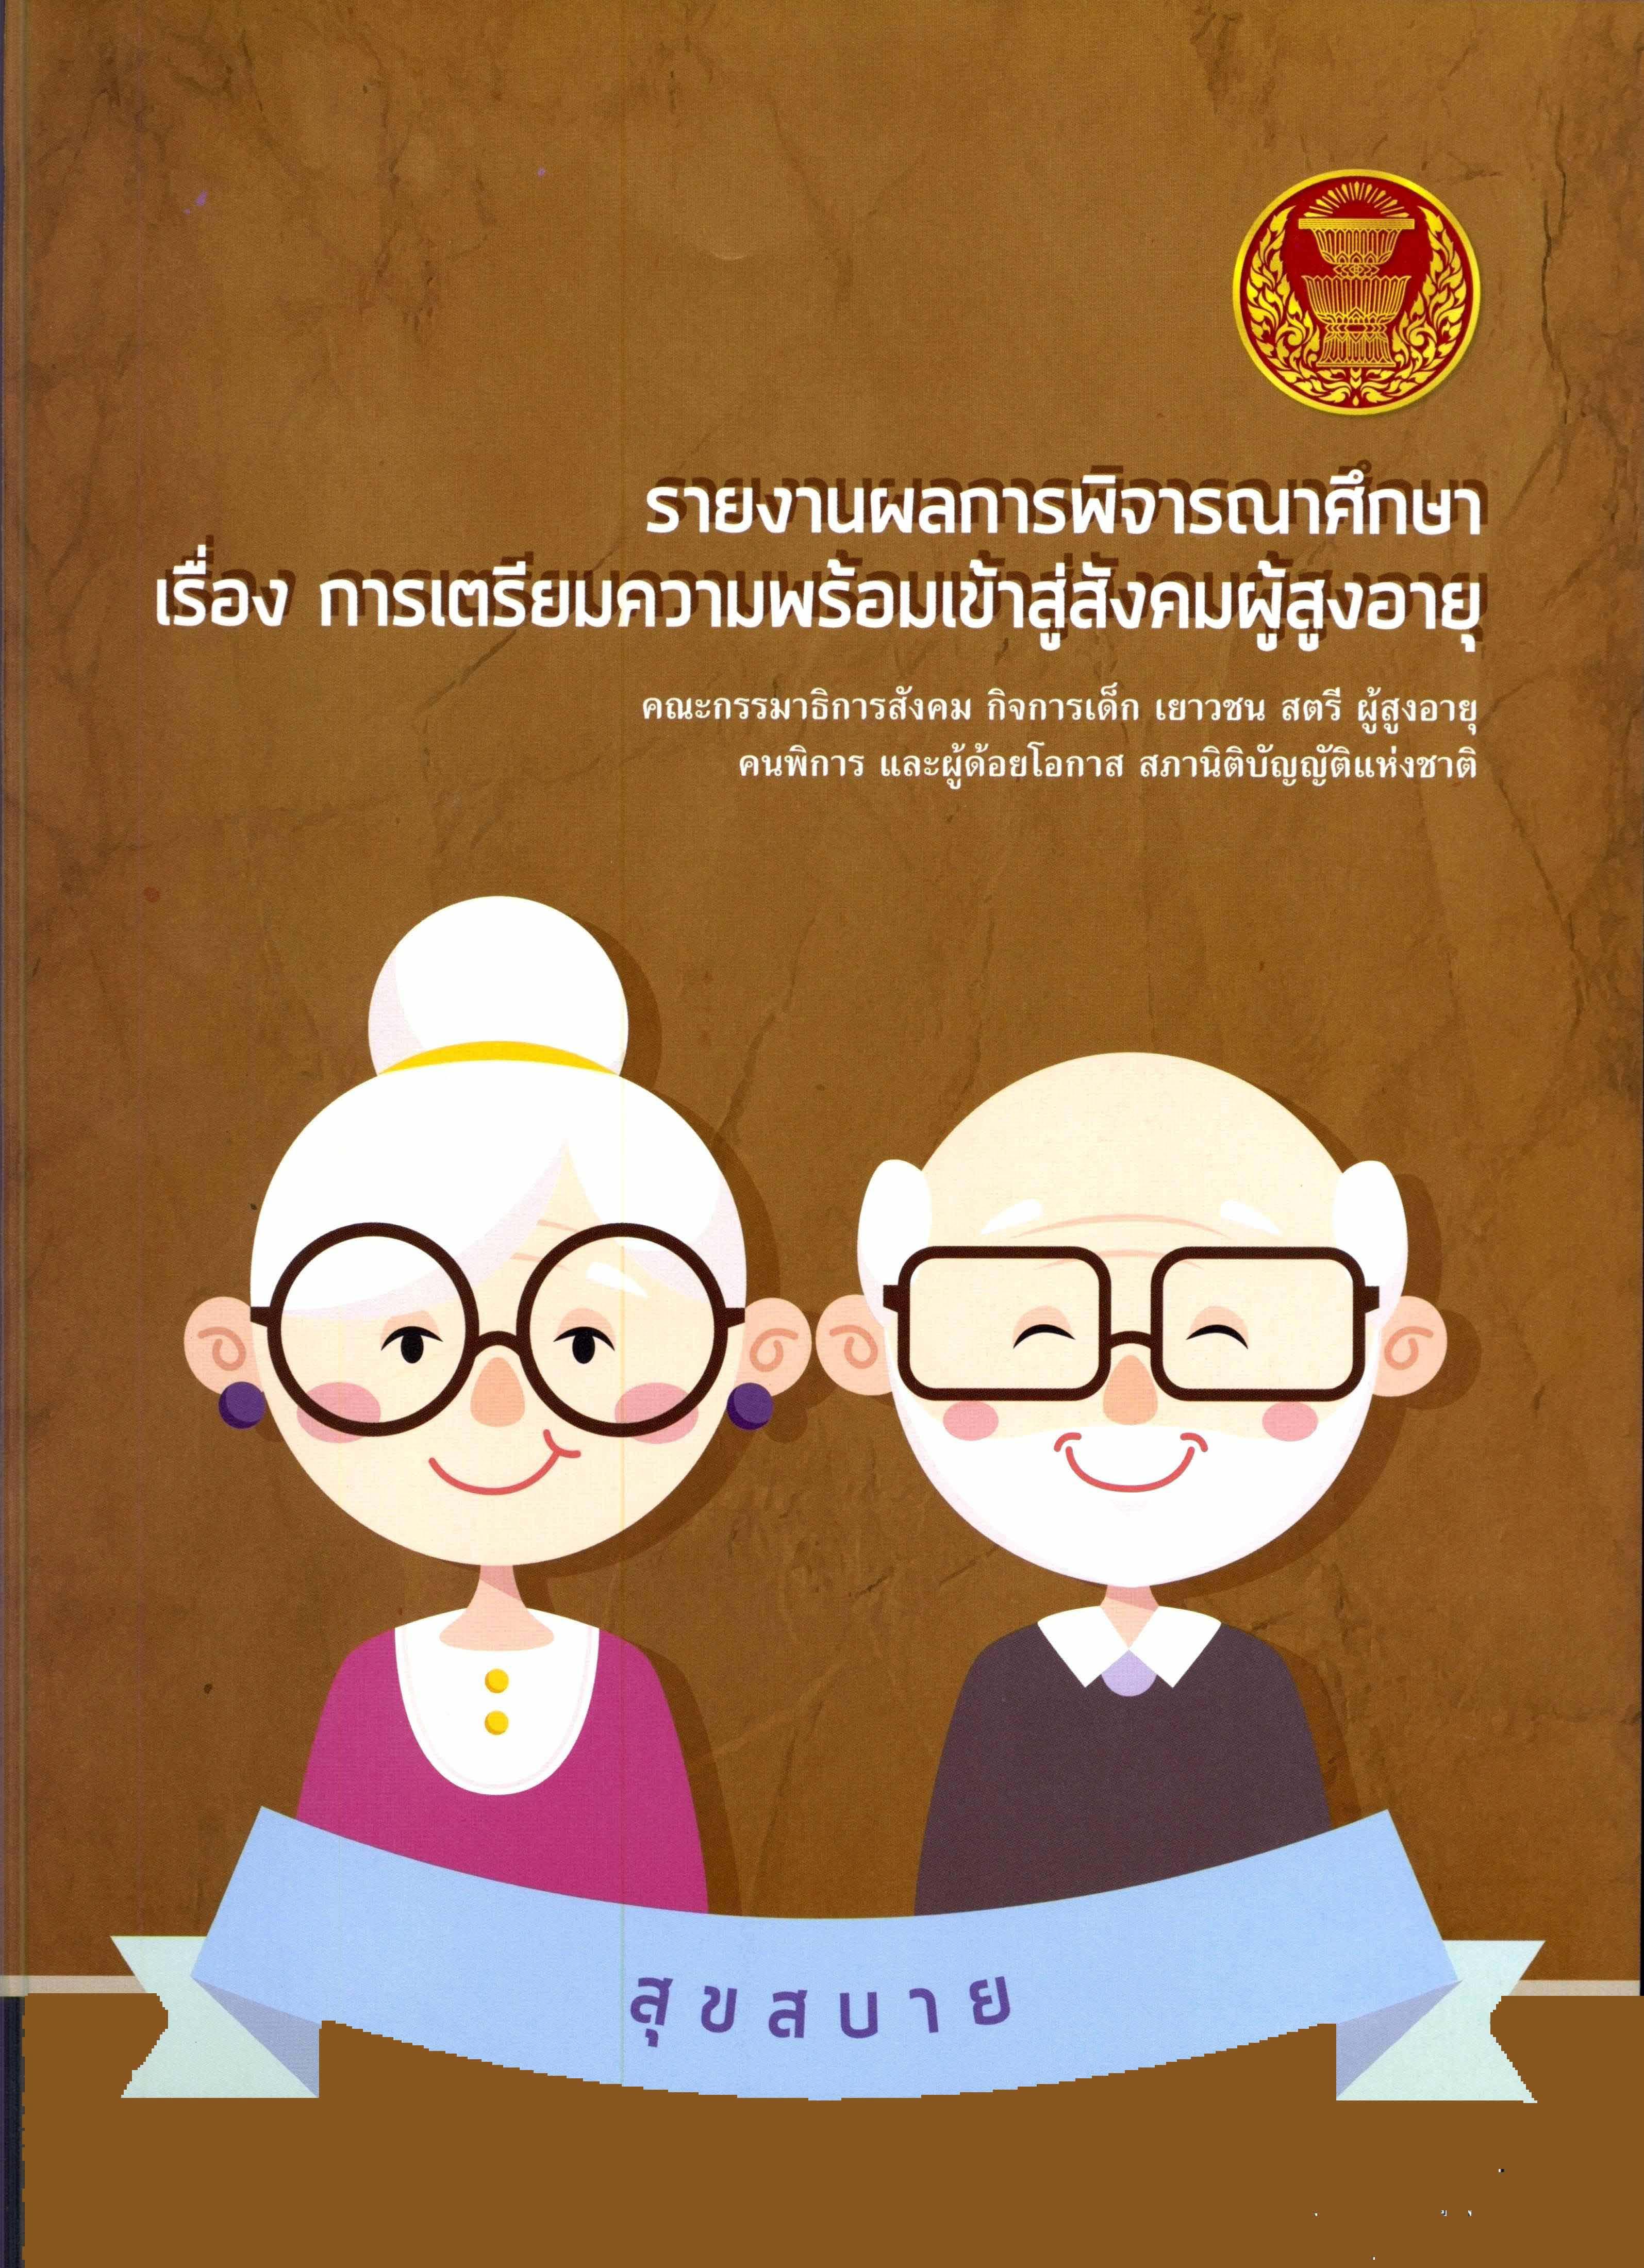 รายงานผลการพิจารณาศึกษา เรื่อง การเตรียมความพร้อมเข้าสู่สังคมผู้สูงอายุ